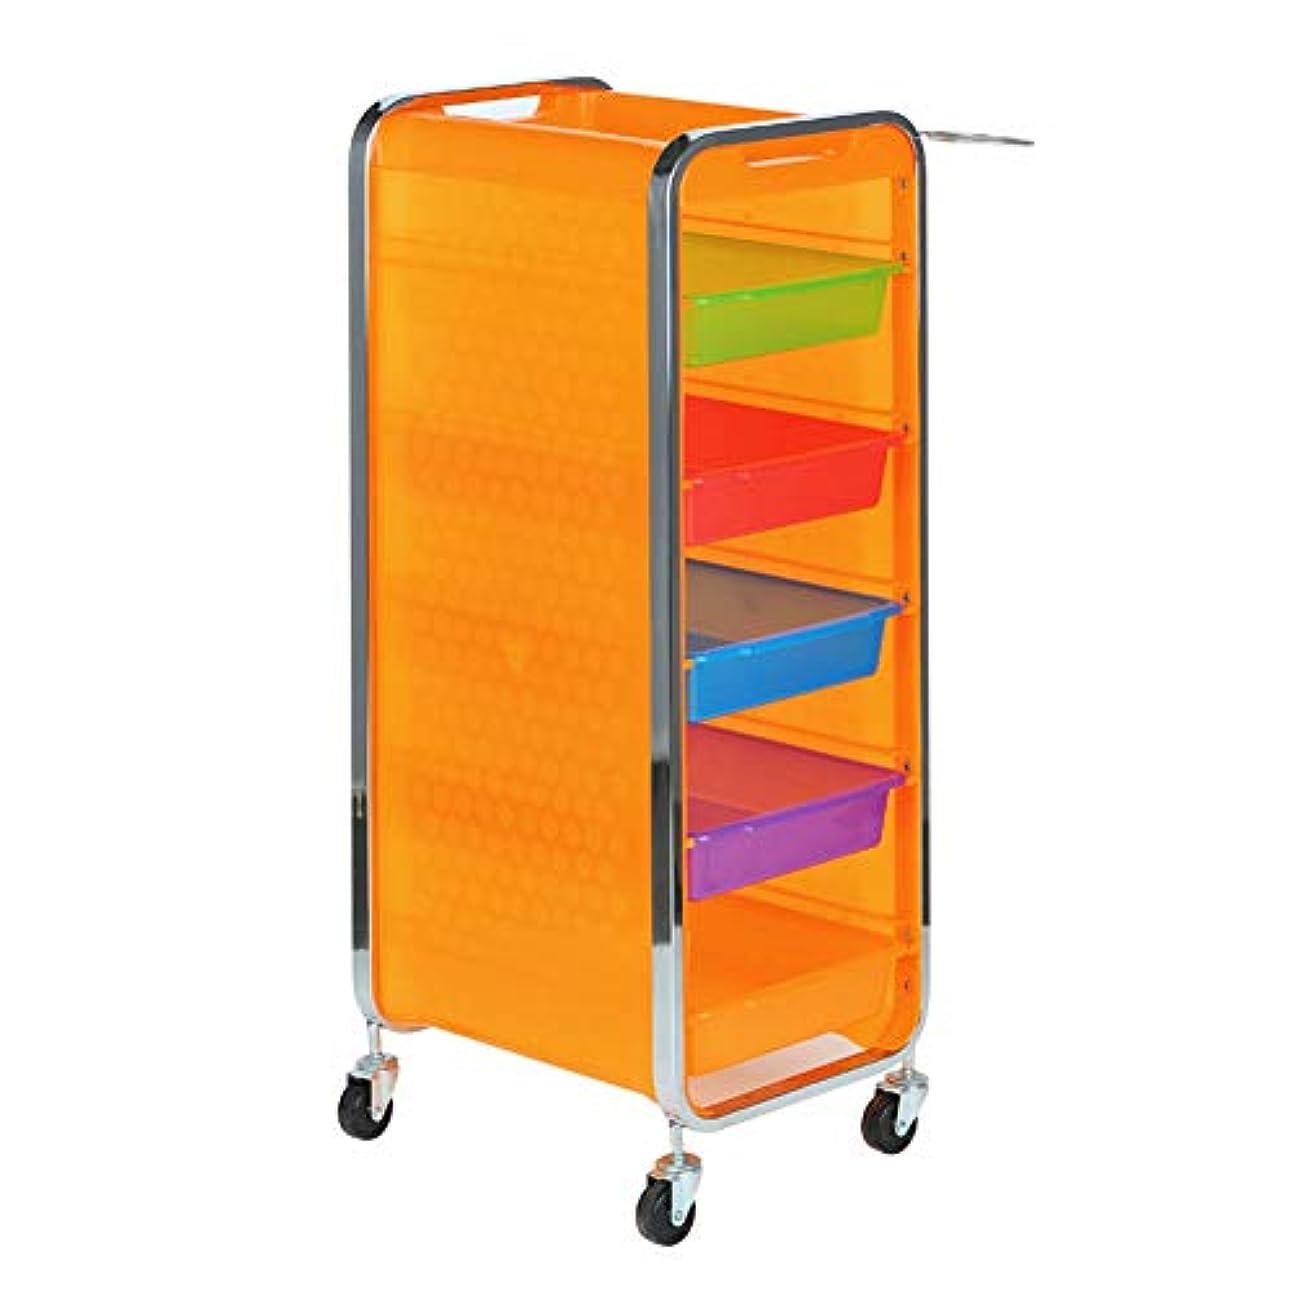 槍貼り直す好奇心サロン美容院トロリー美容美容収納カート6層トレイ多機能引き出し虹色,Orange,B